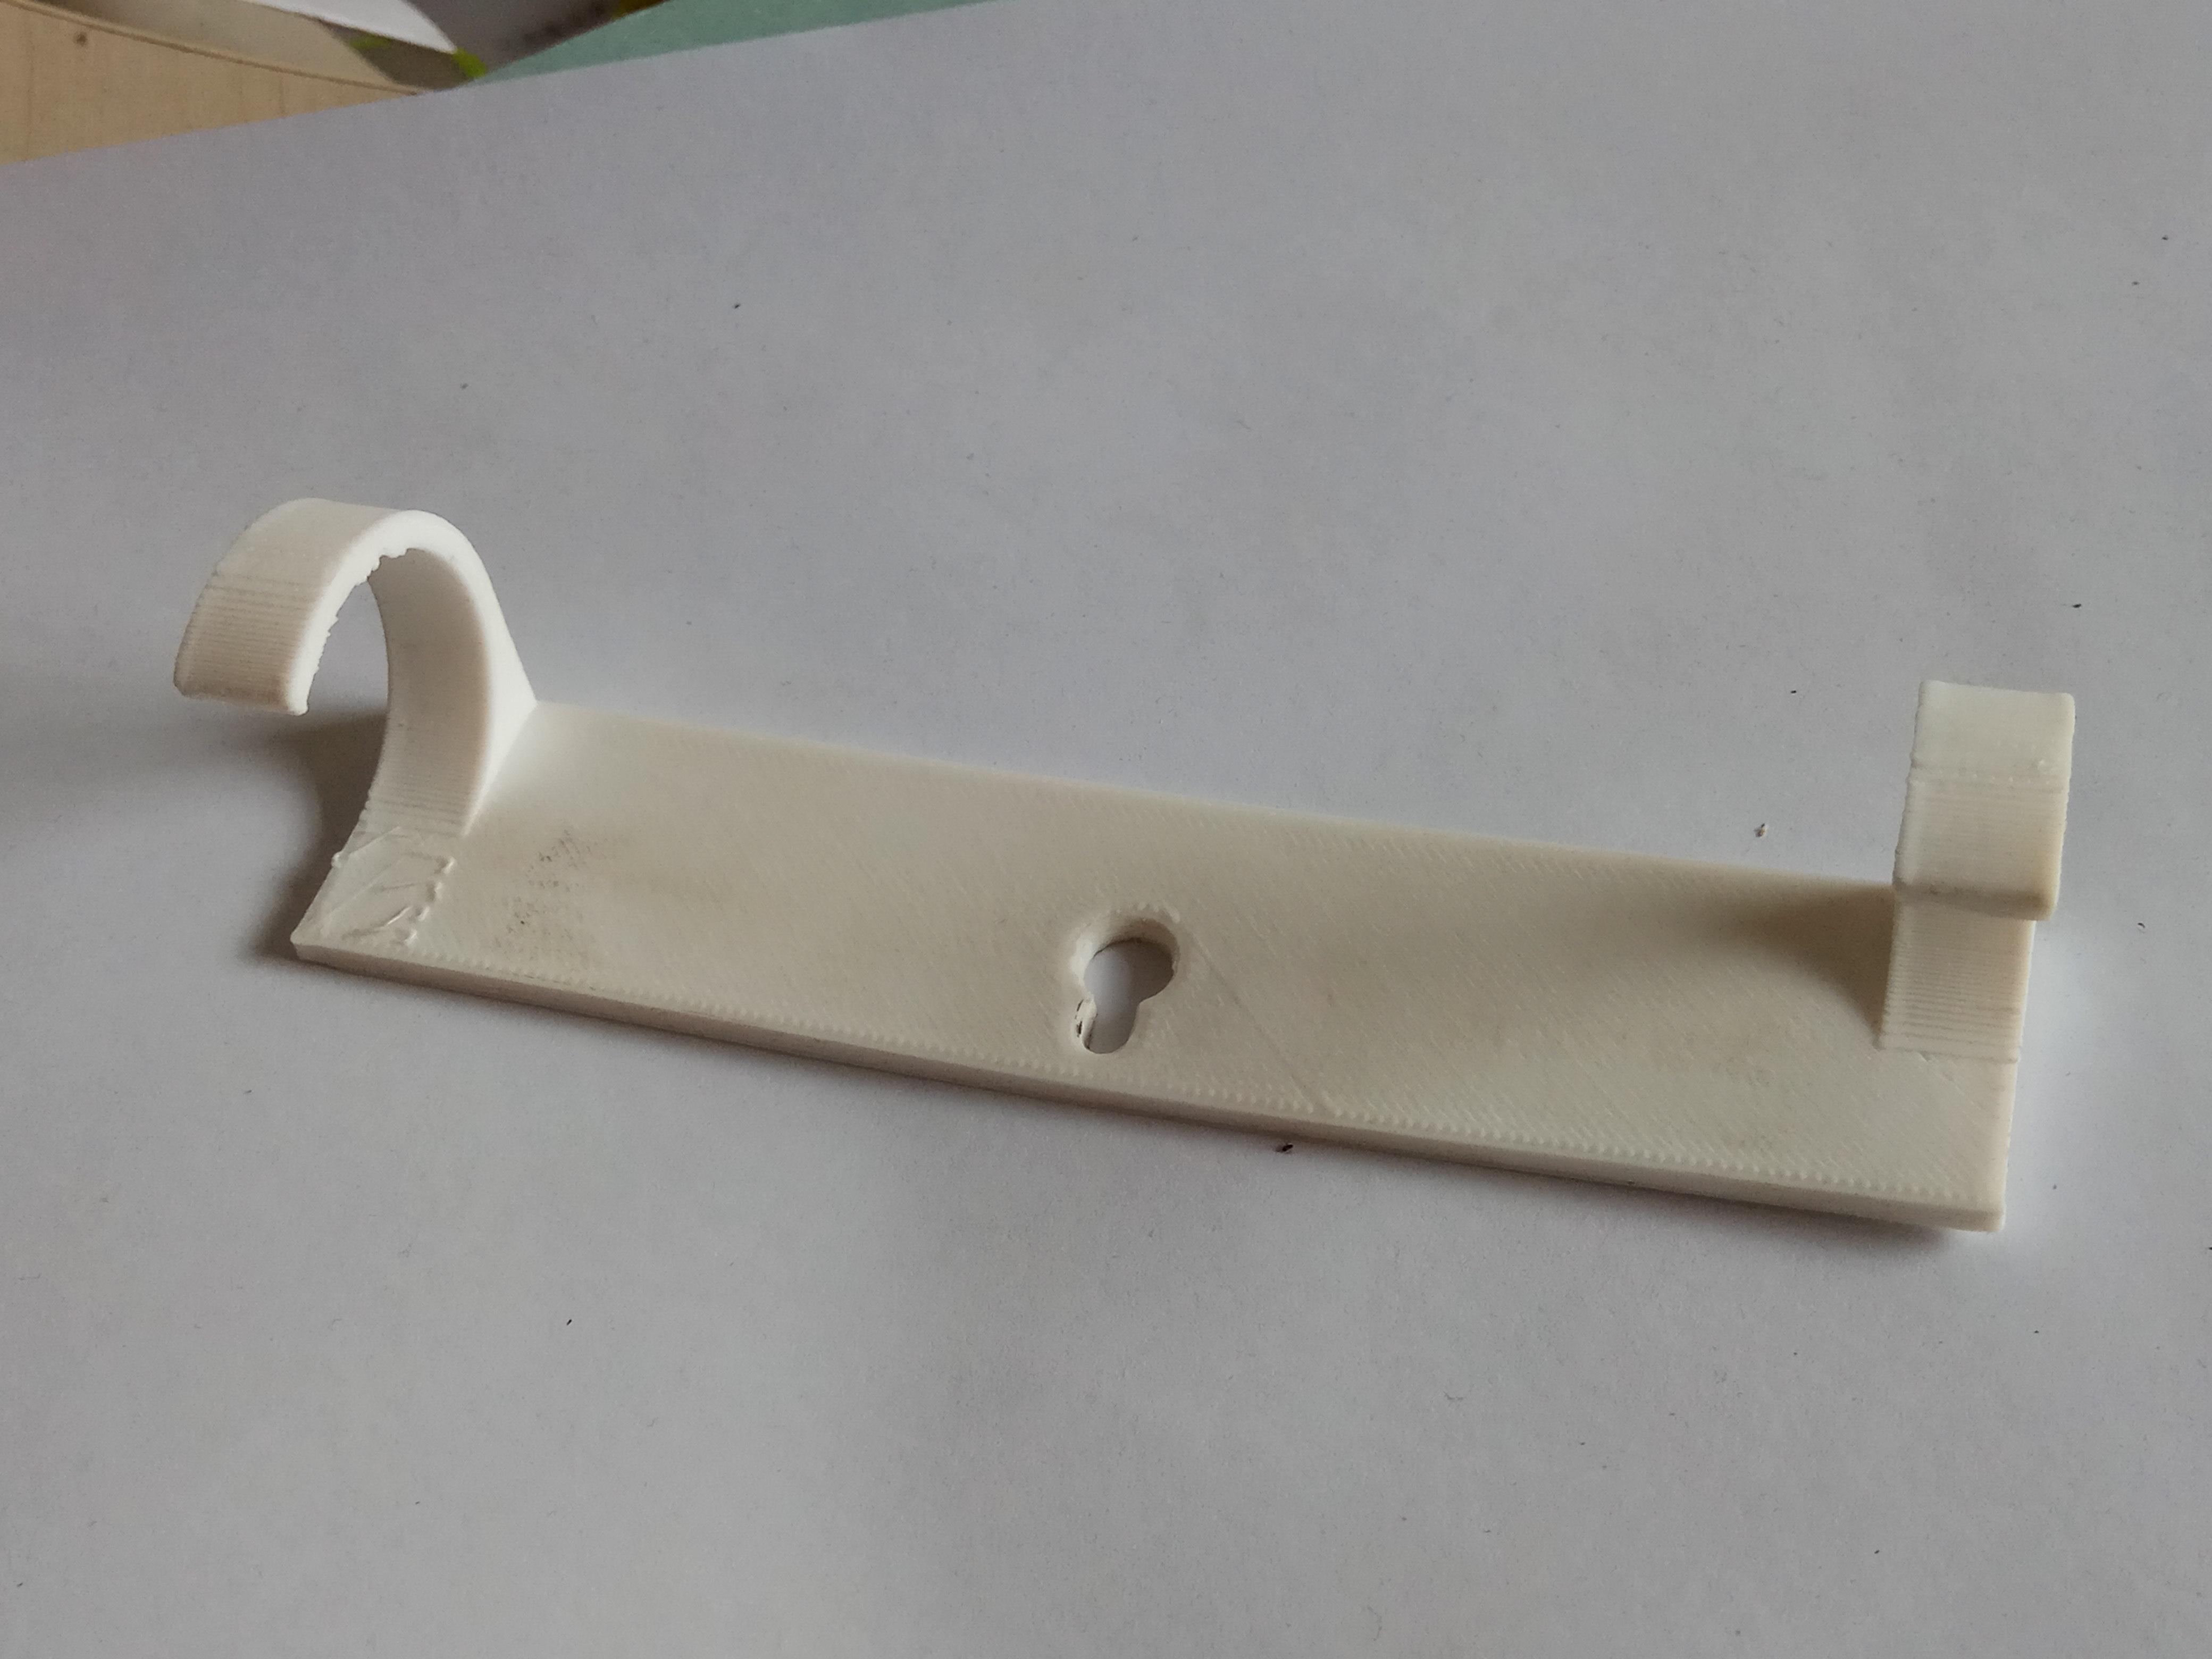 小米路由器mini挂墙支架